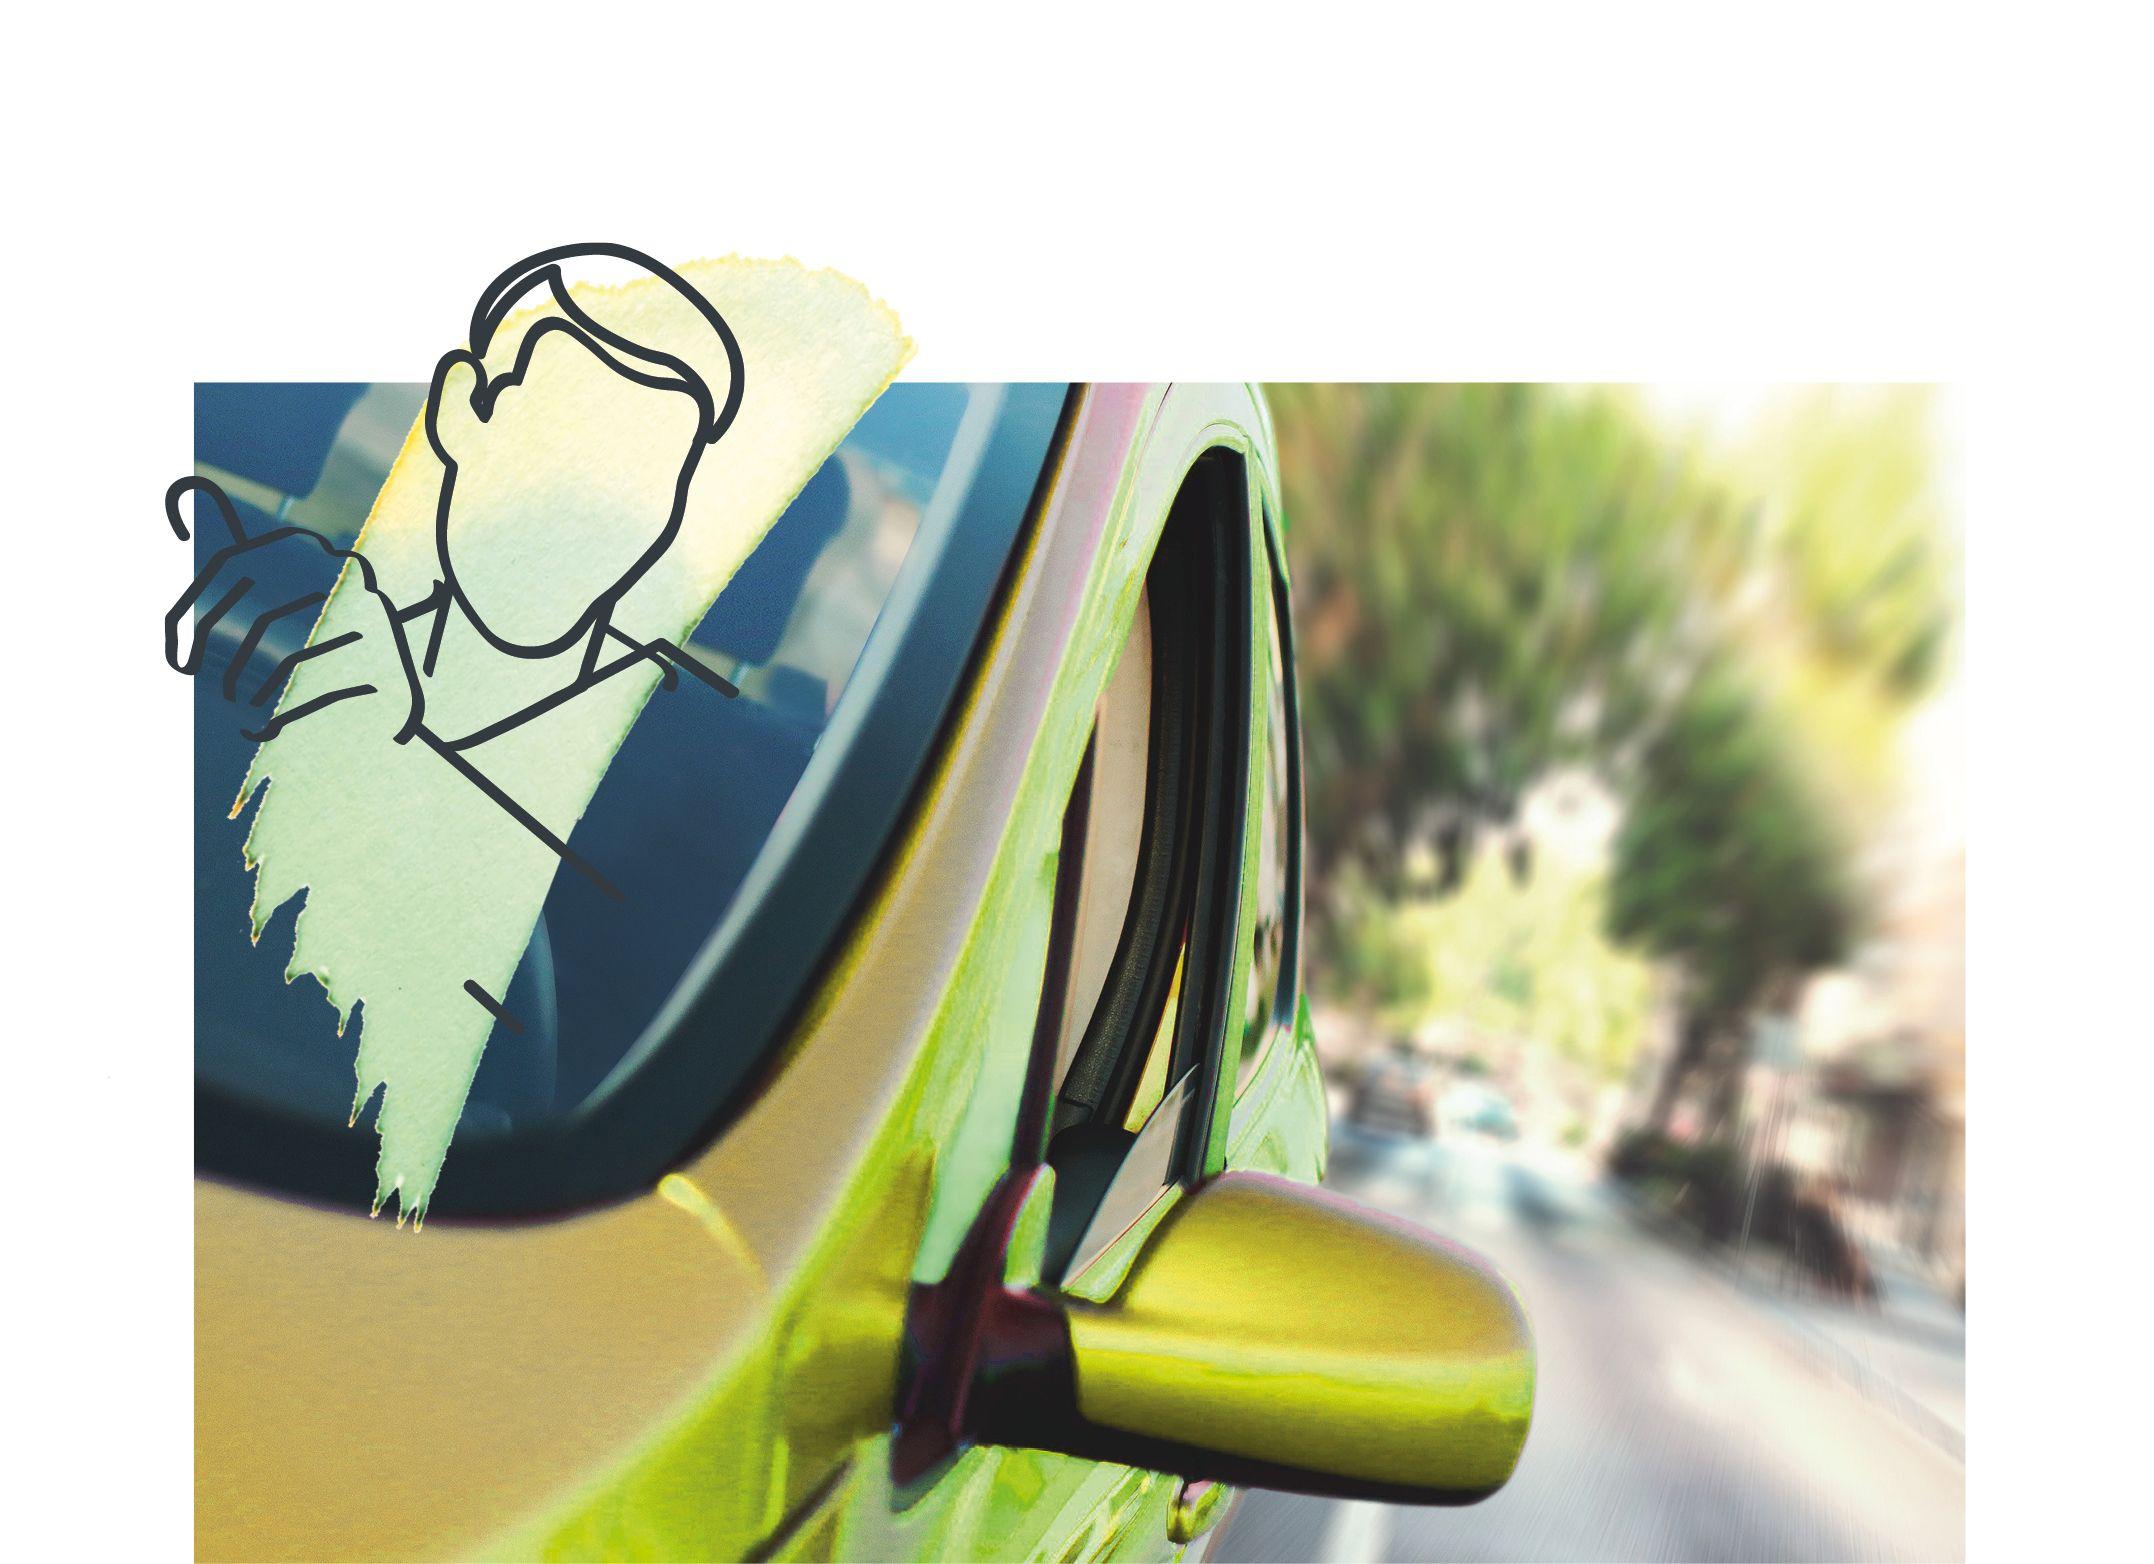 Zelfscan rijvaardigheid oudere automobilisten